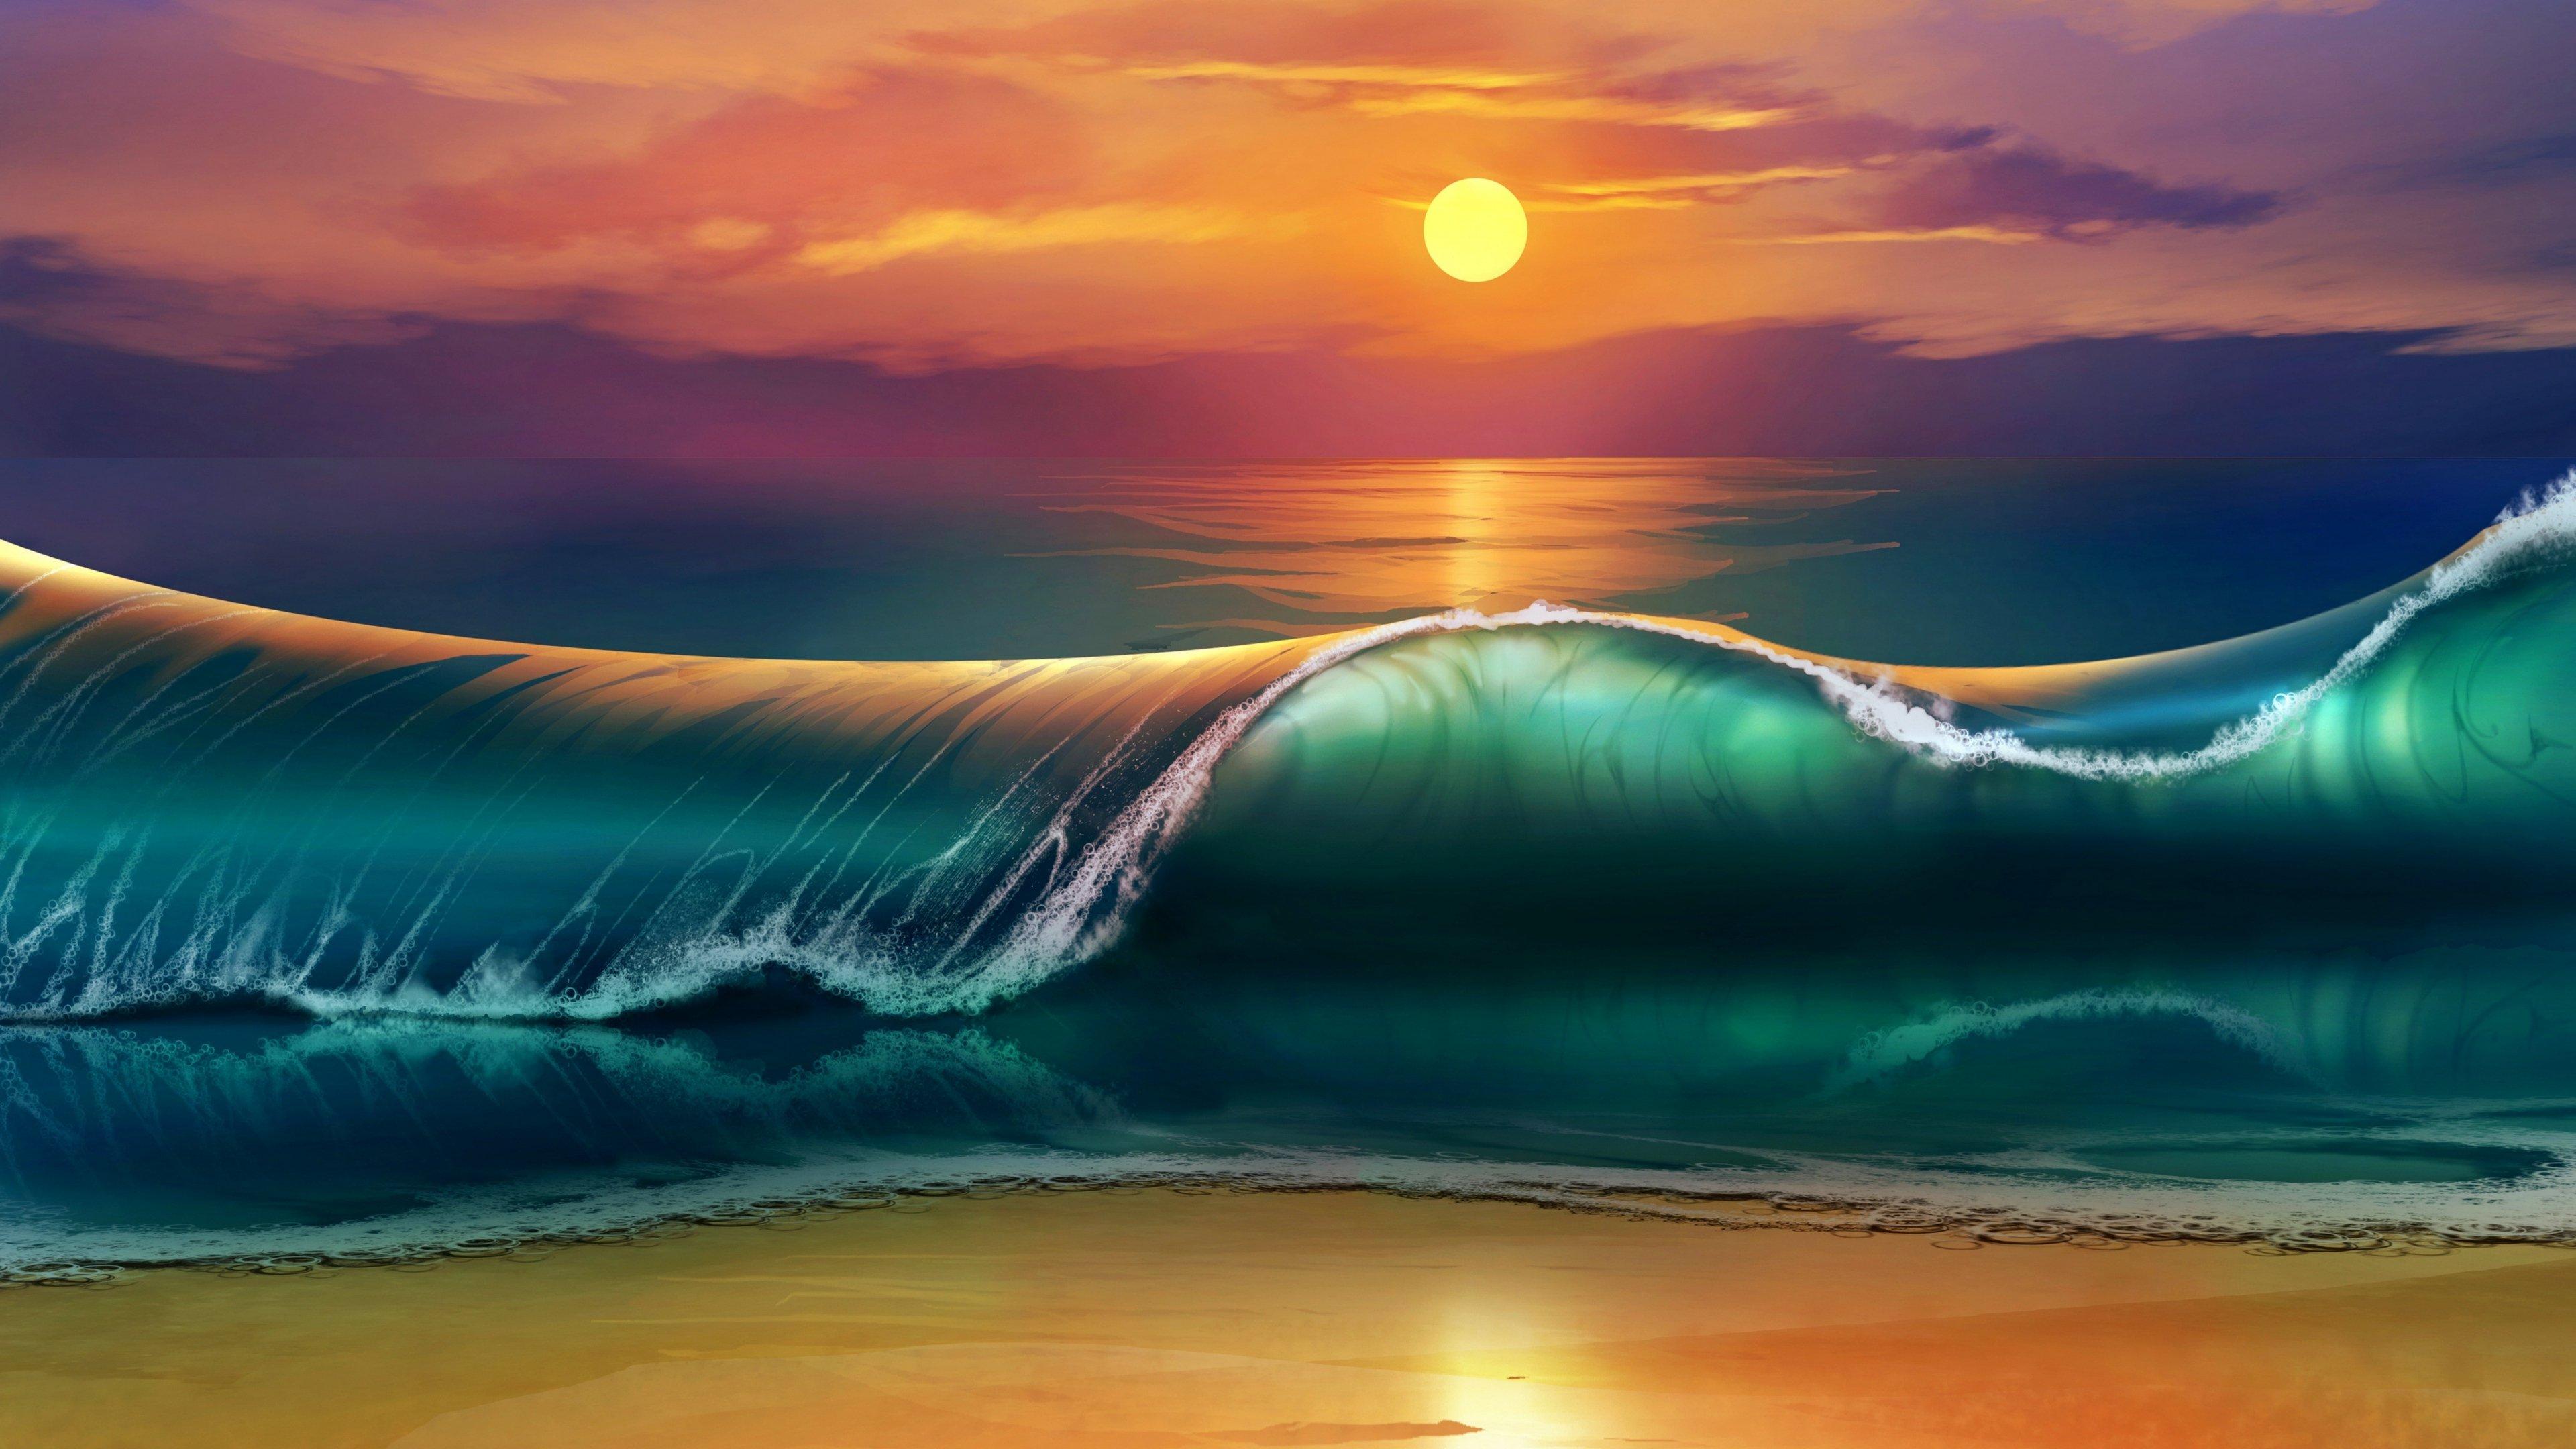 Wallpaper 38402160 art sunset beach sea waves 4K Ultra HD HD 3840x2160